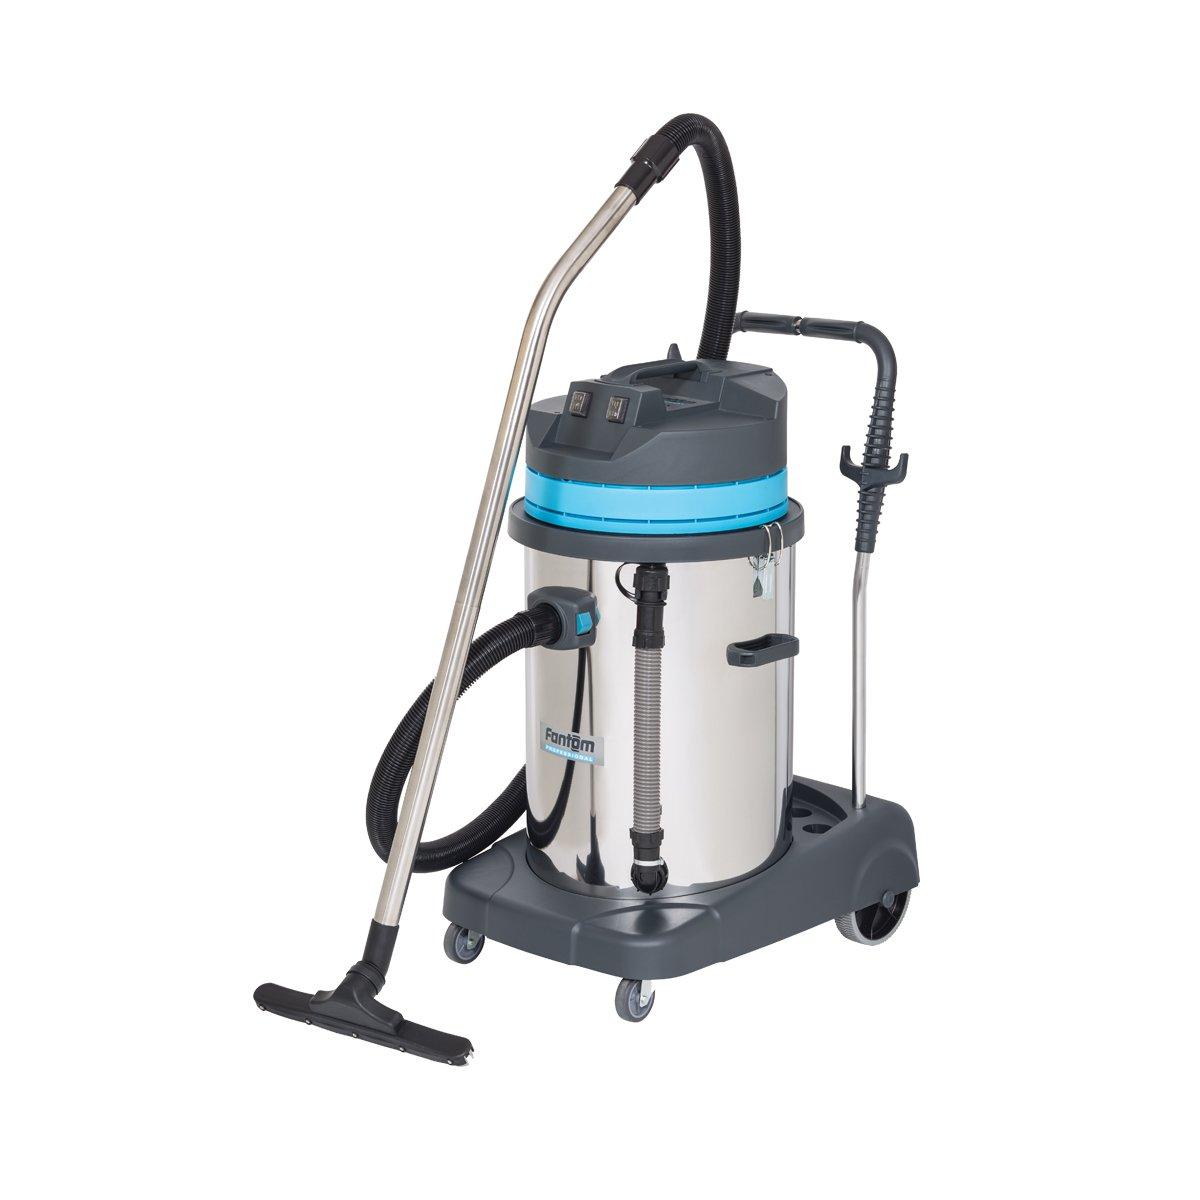 Aspirador de agua y polvo Fantom PROMAX 600M2 2800W: Amazon.es ...